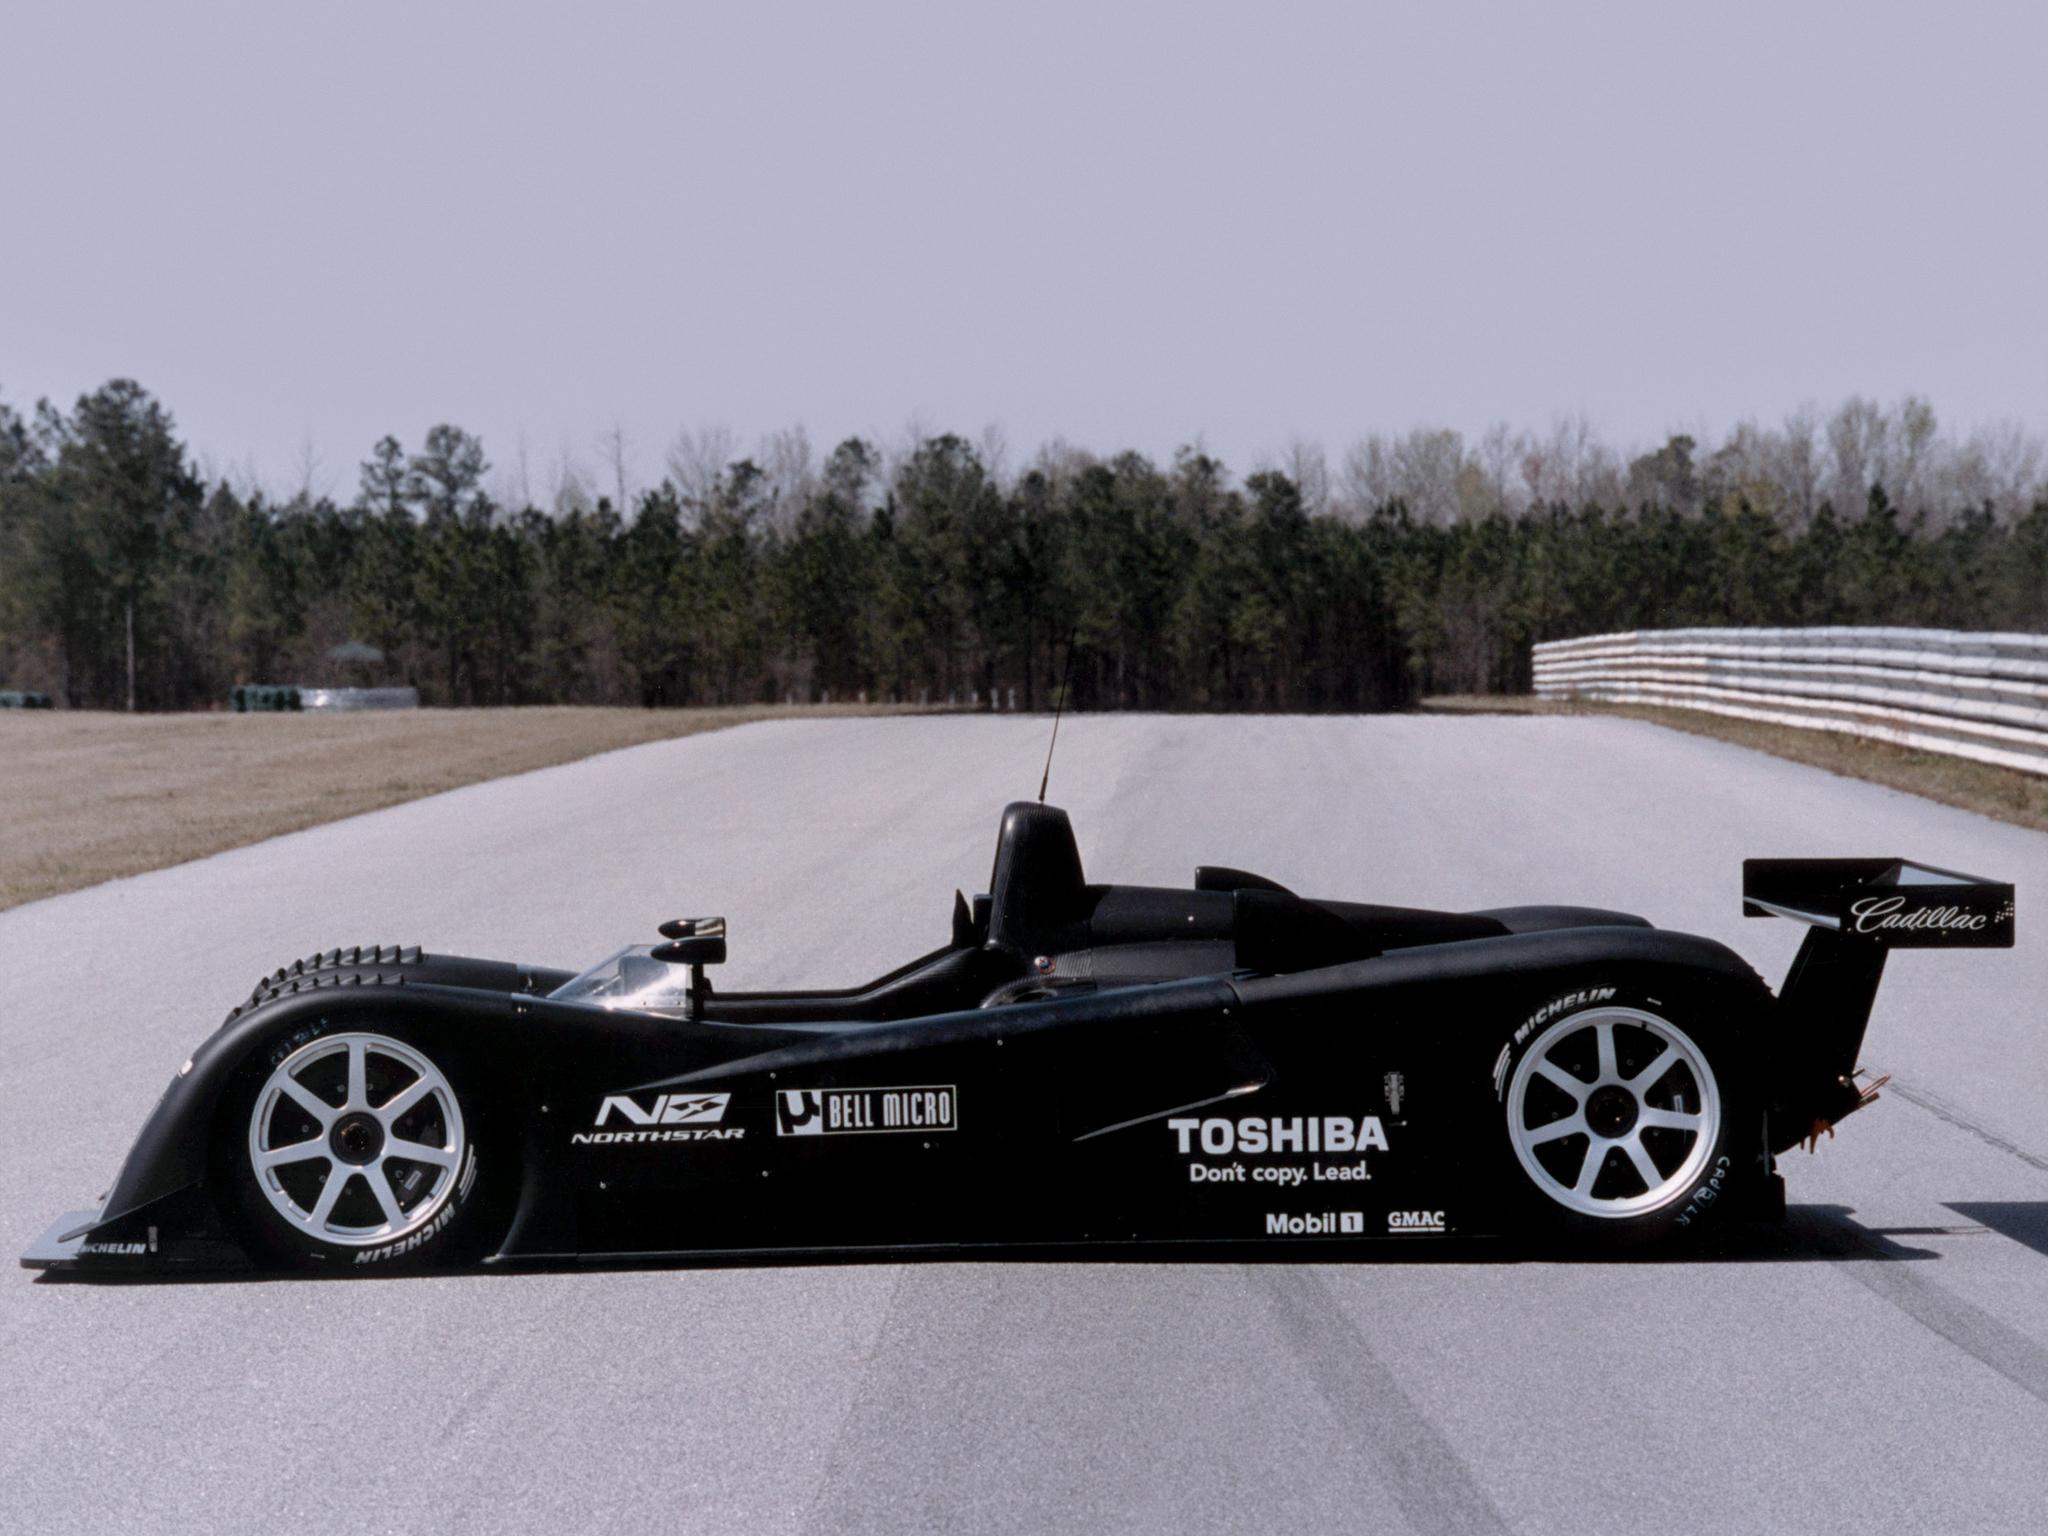 2001 Cadillac LMP 01 le mans race racing wallpaper 2048x1536 2048x1536